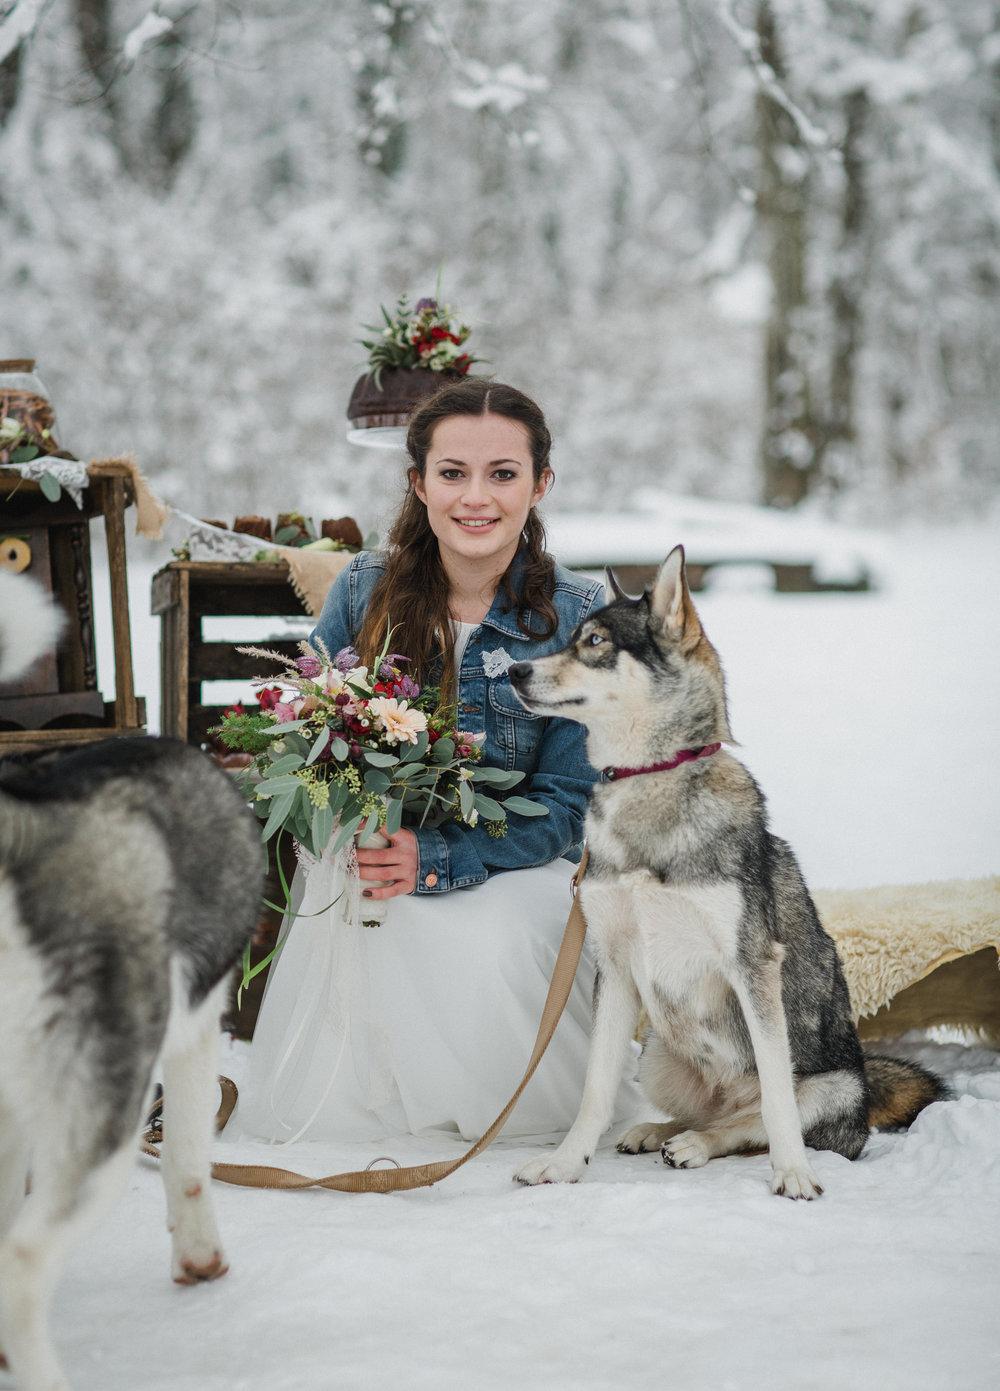 yessica-baur-fotografie-styleshooting-huskies-4150.JPG